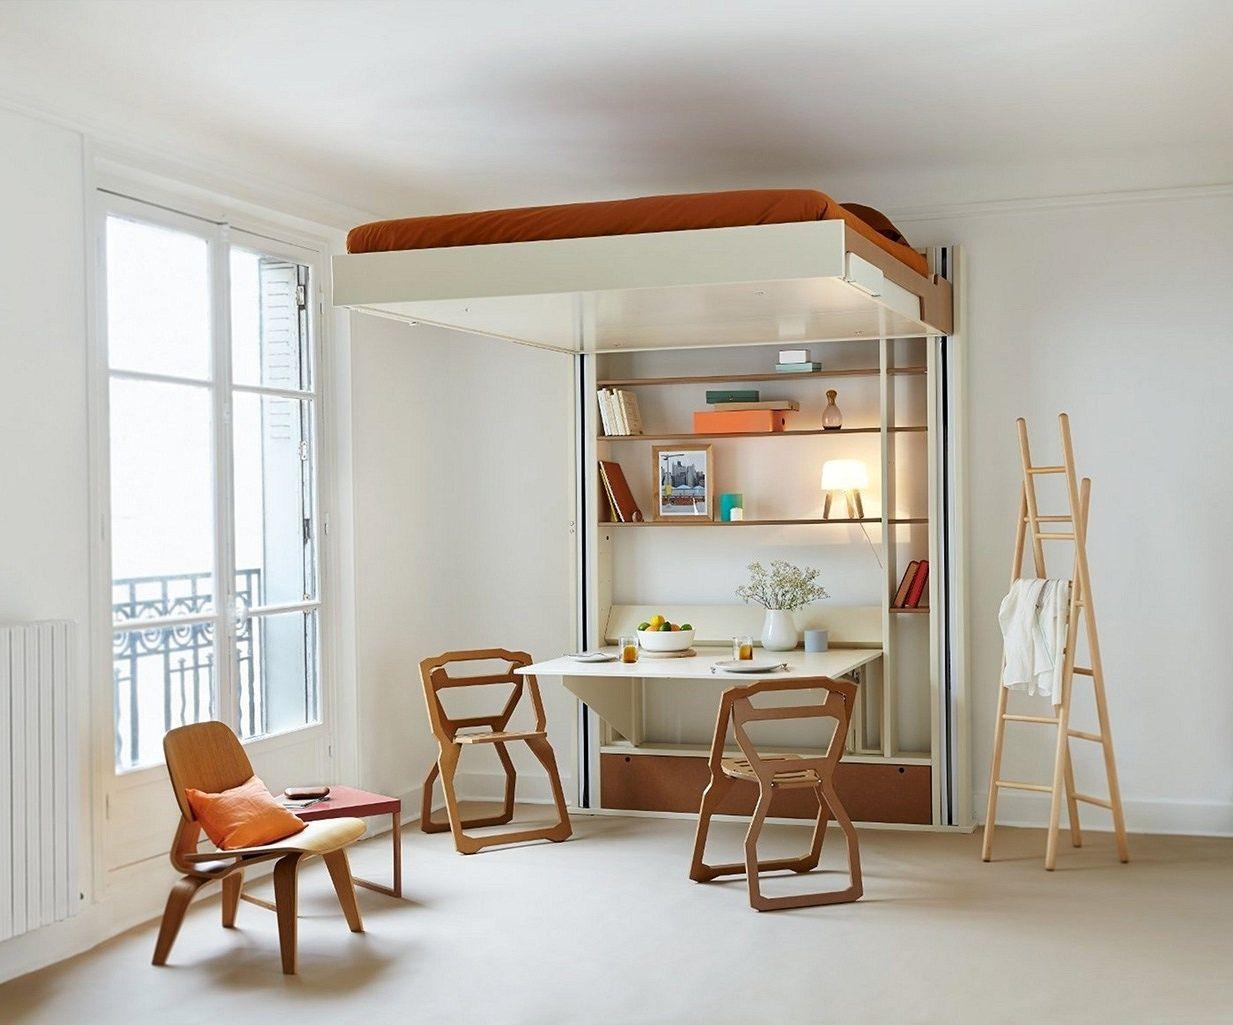 Trasformare Un Garage In Abitazione multifunction furniture for small space tips